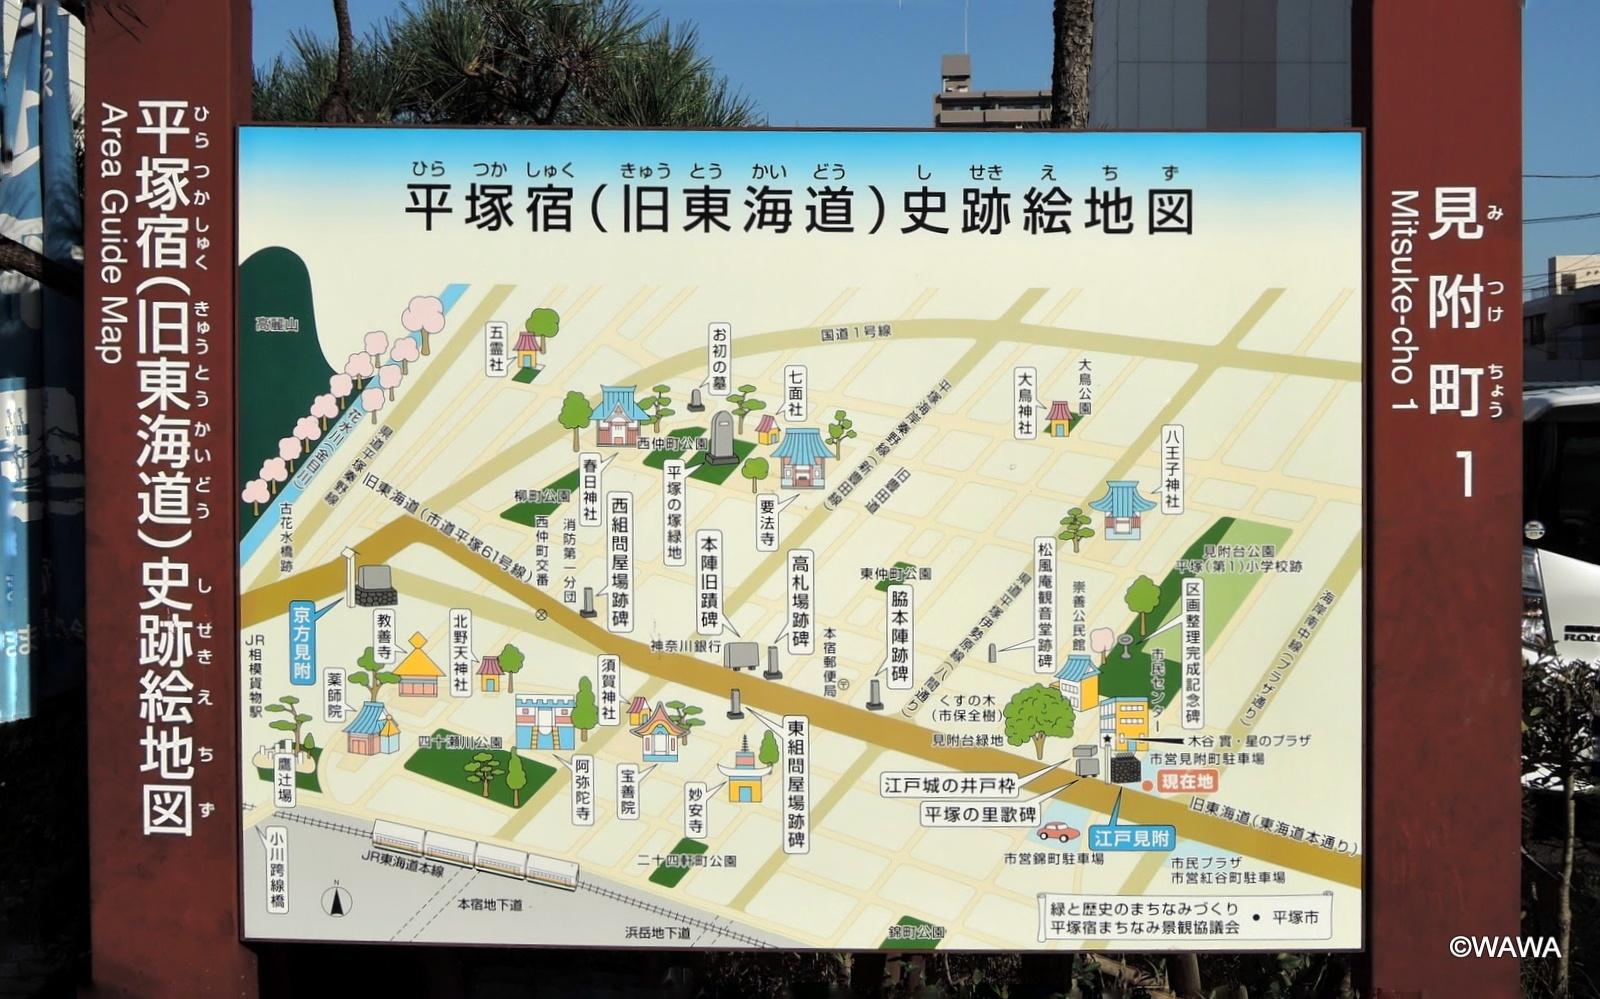 東海道五十三次 平塚宿(旧東海道) 史跡絵地図